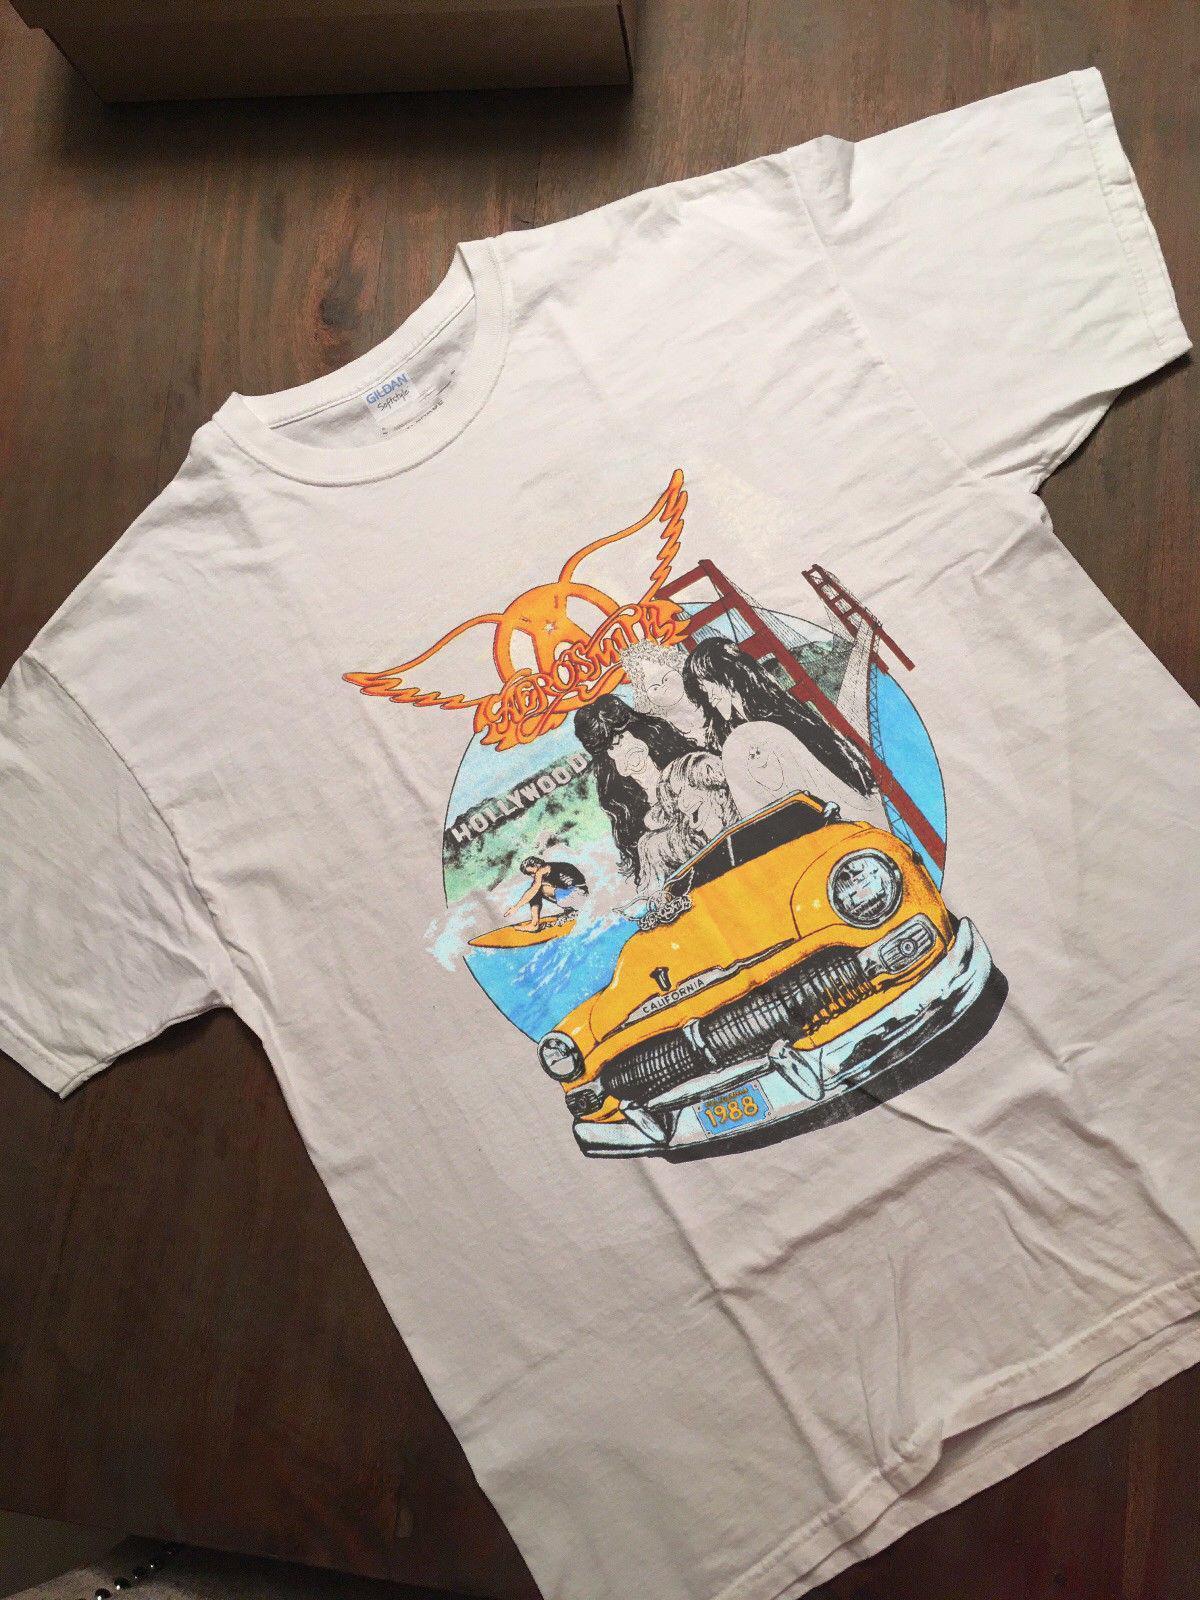 Vintage 80s concert t shirts commit